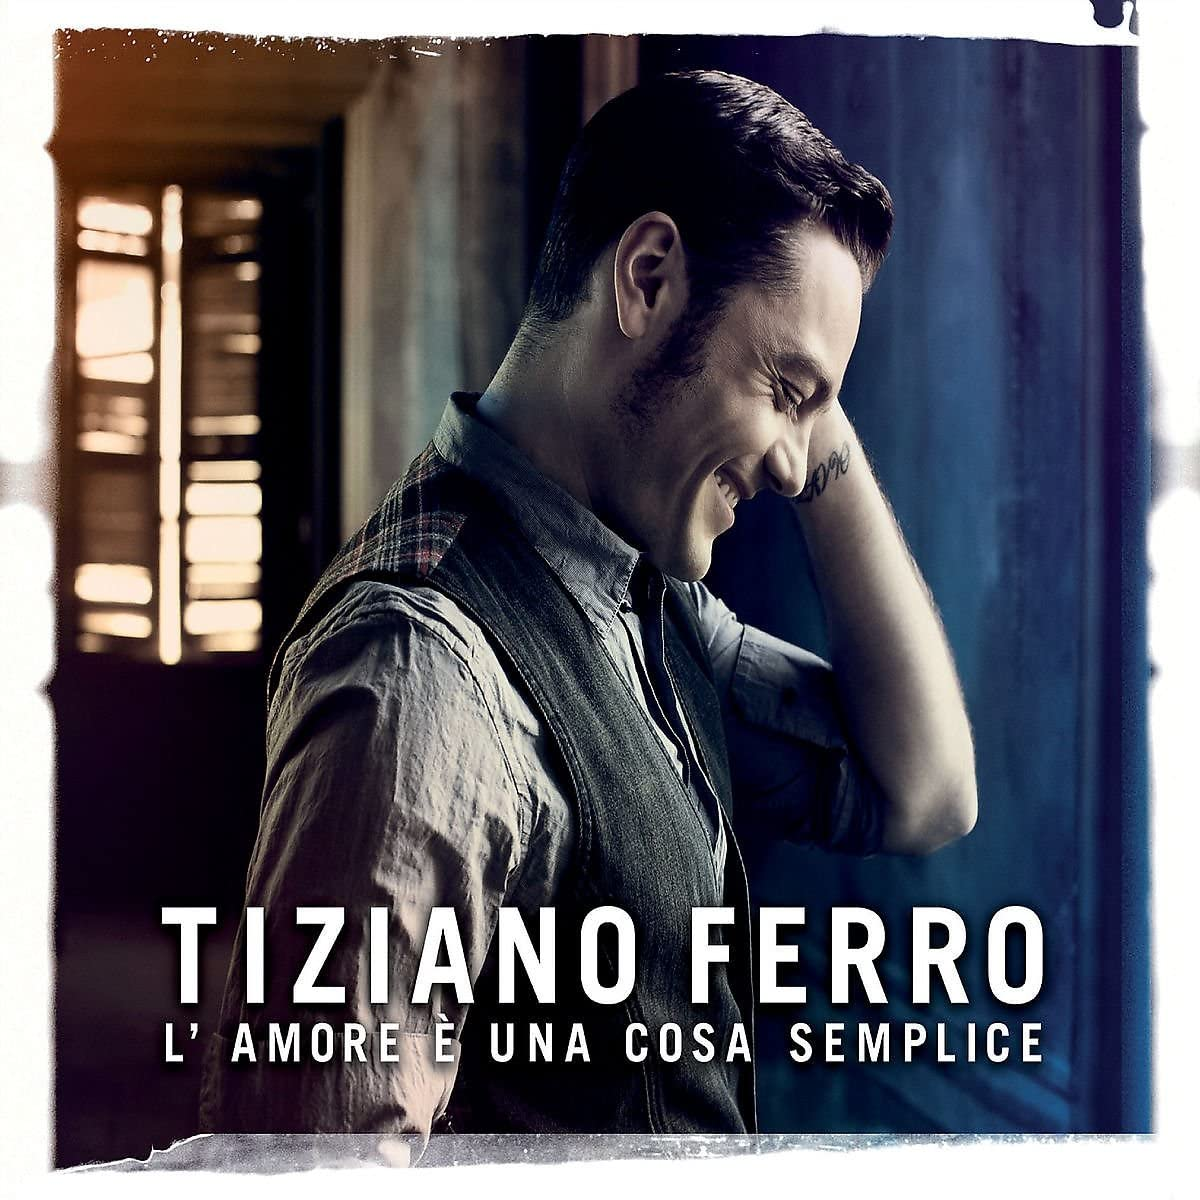 TIZIANO FERRO - L'AMORE E' UNA COSA SEMPLICE (CD)